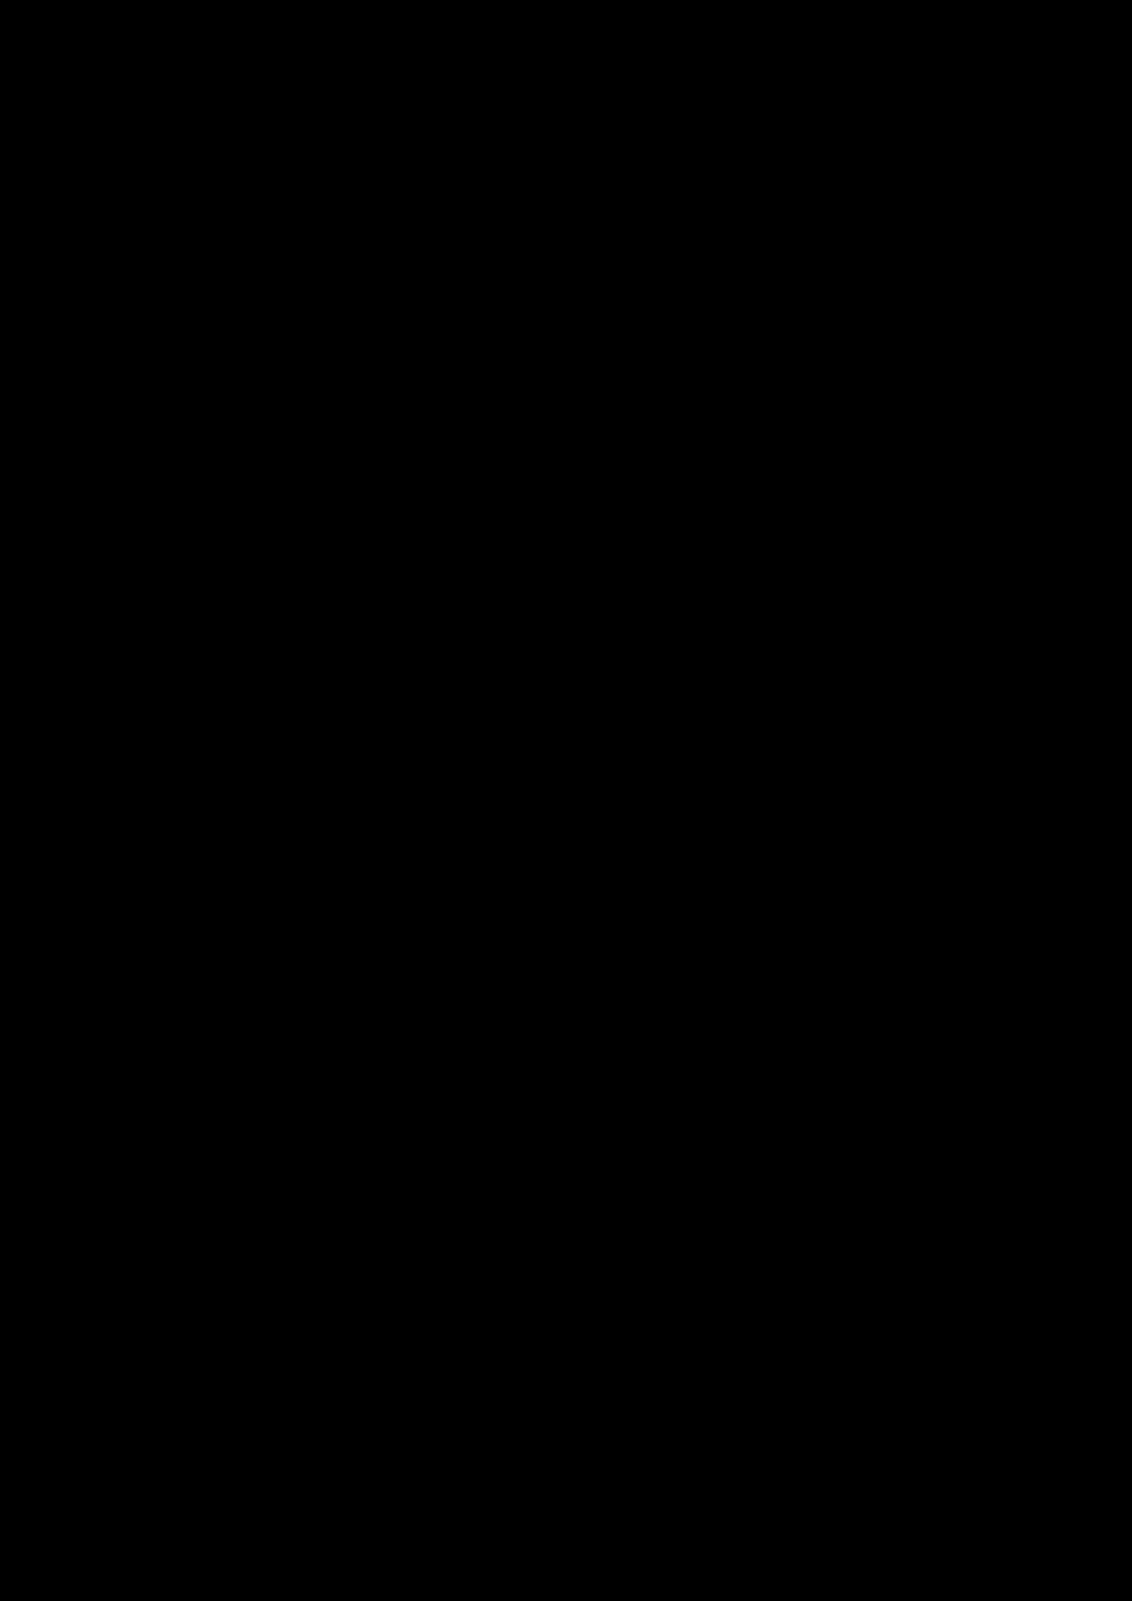 Zagadka volshebnoy stranyi slide, Image 108